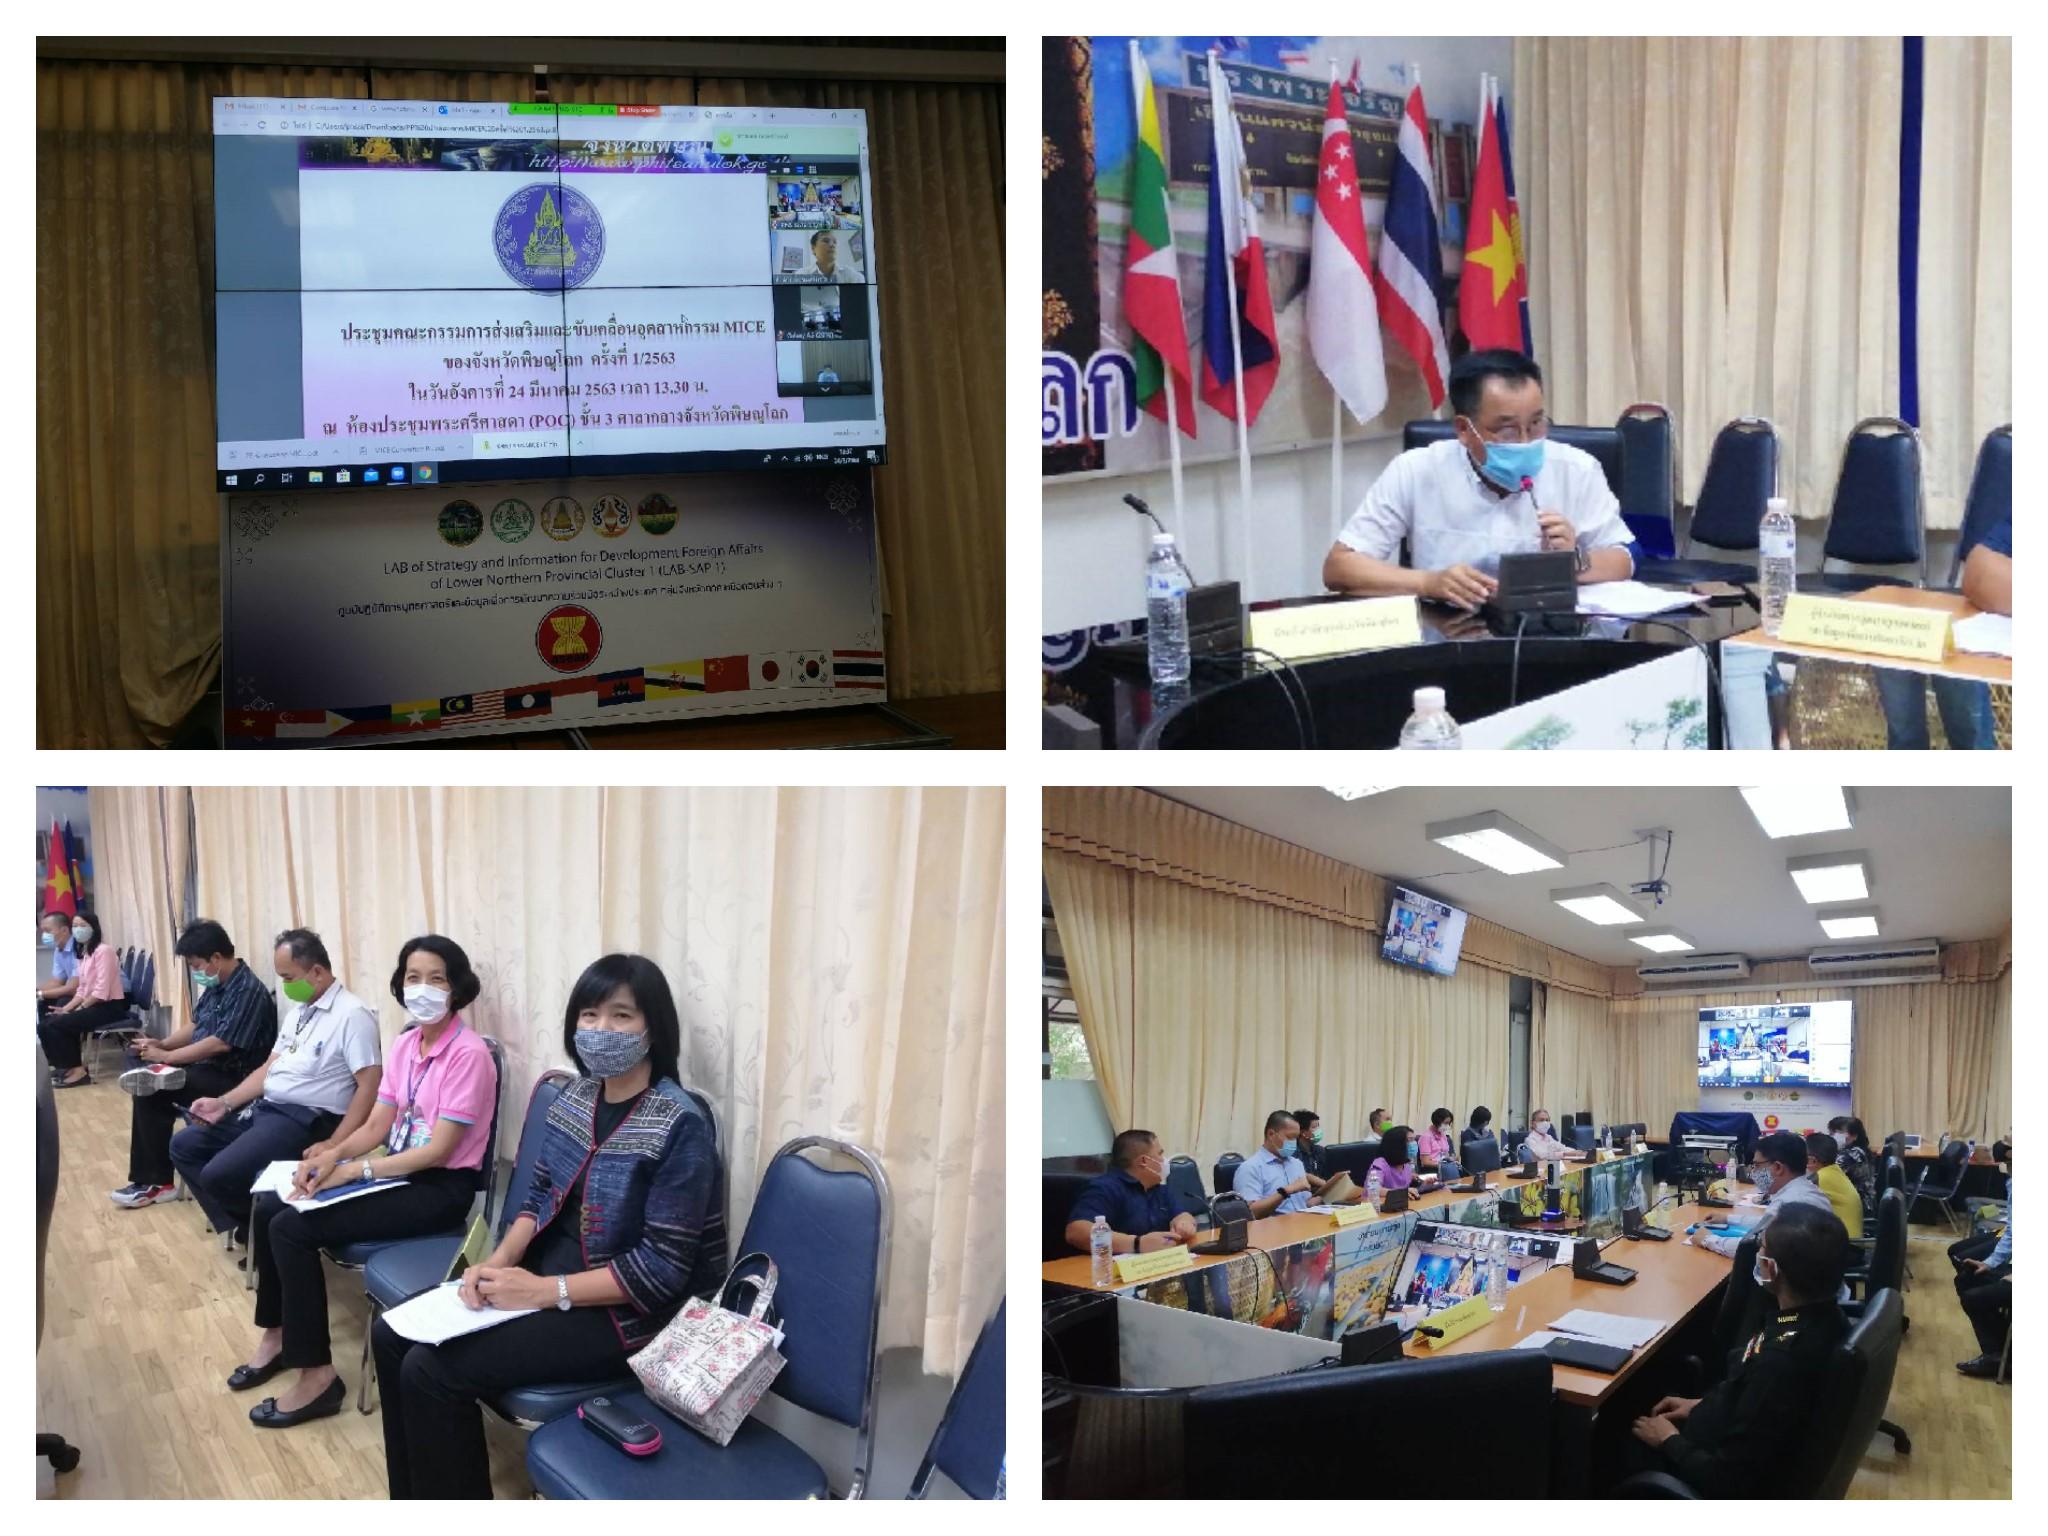 สรจ.พิษณุโลก เข้าประชุมคณะกรรมการส่งเสริมและขับเคลื่อนอุตสาหกรรม MICE ของจังหวัดพิษณุโลก ครั้งที่ 1/2563